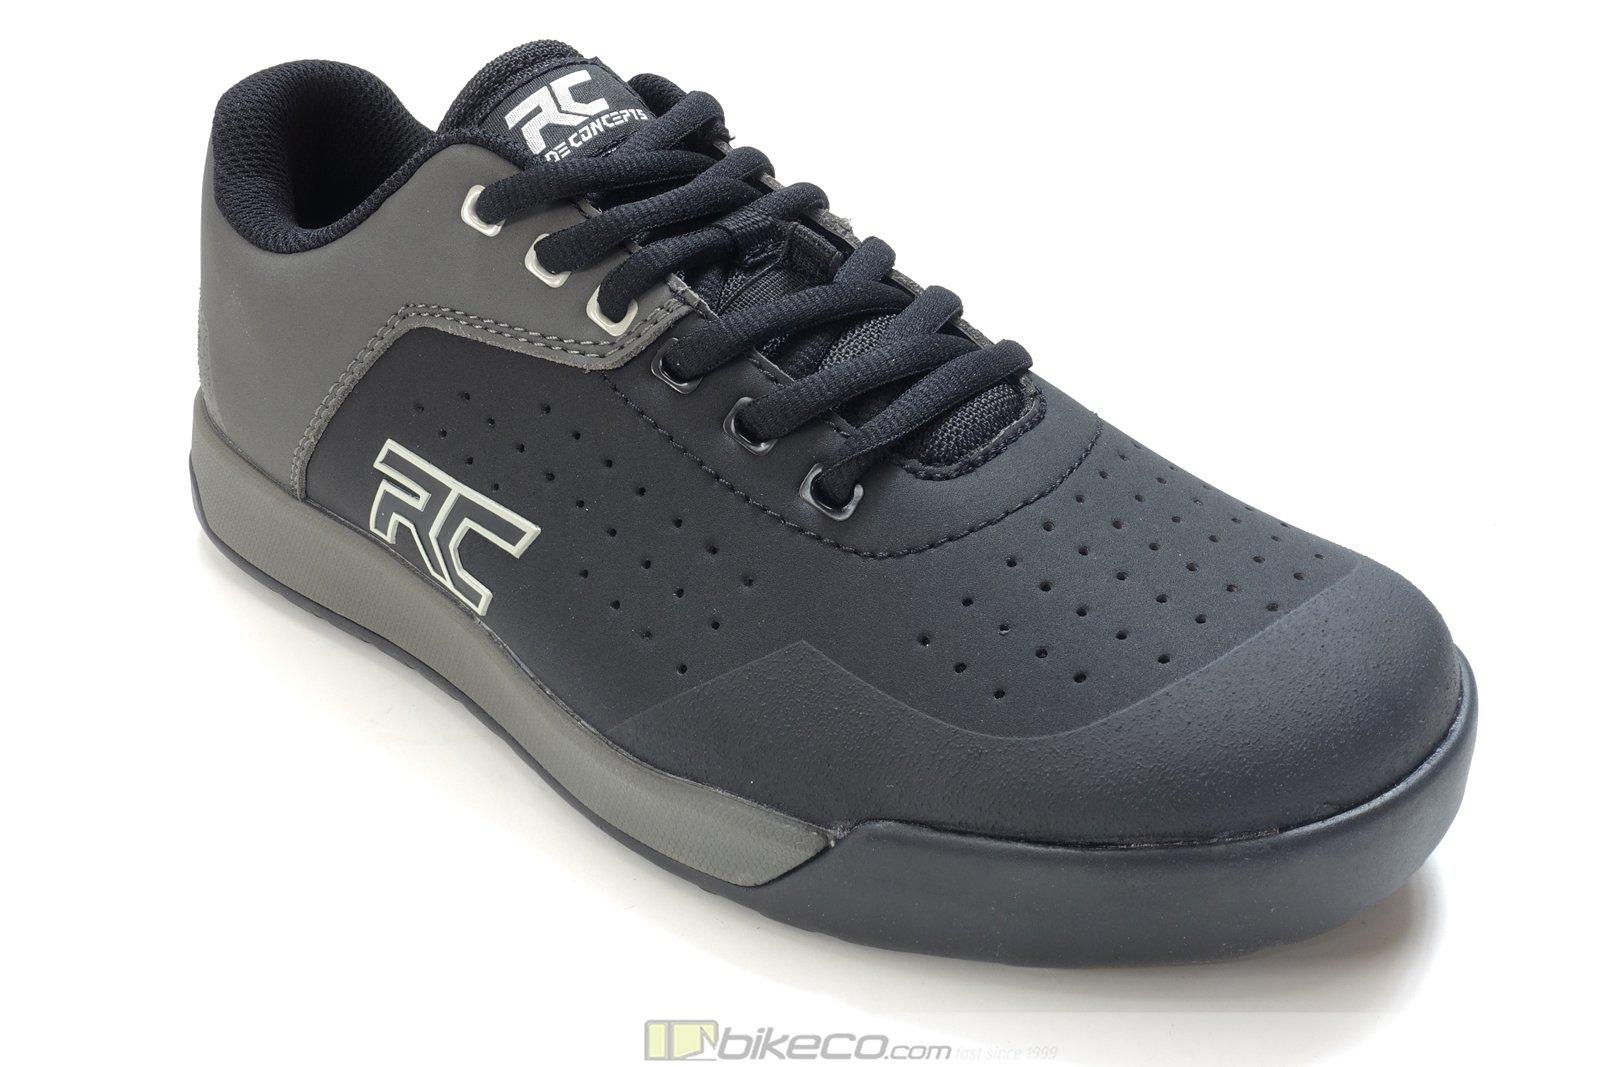 Ride Concepts Hellion Elite MTB Shoe DST 4.0 Sole